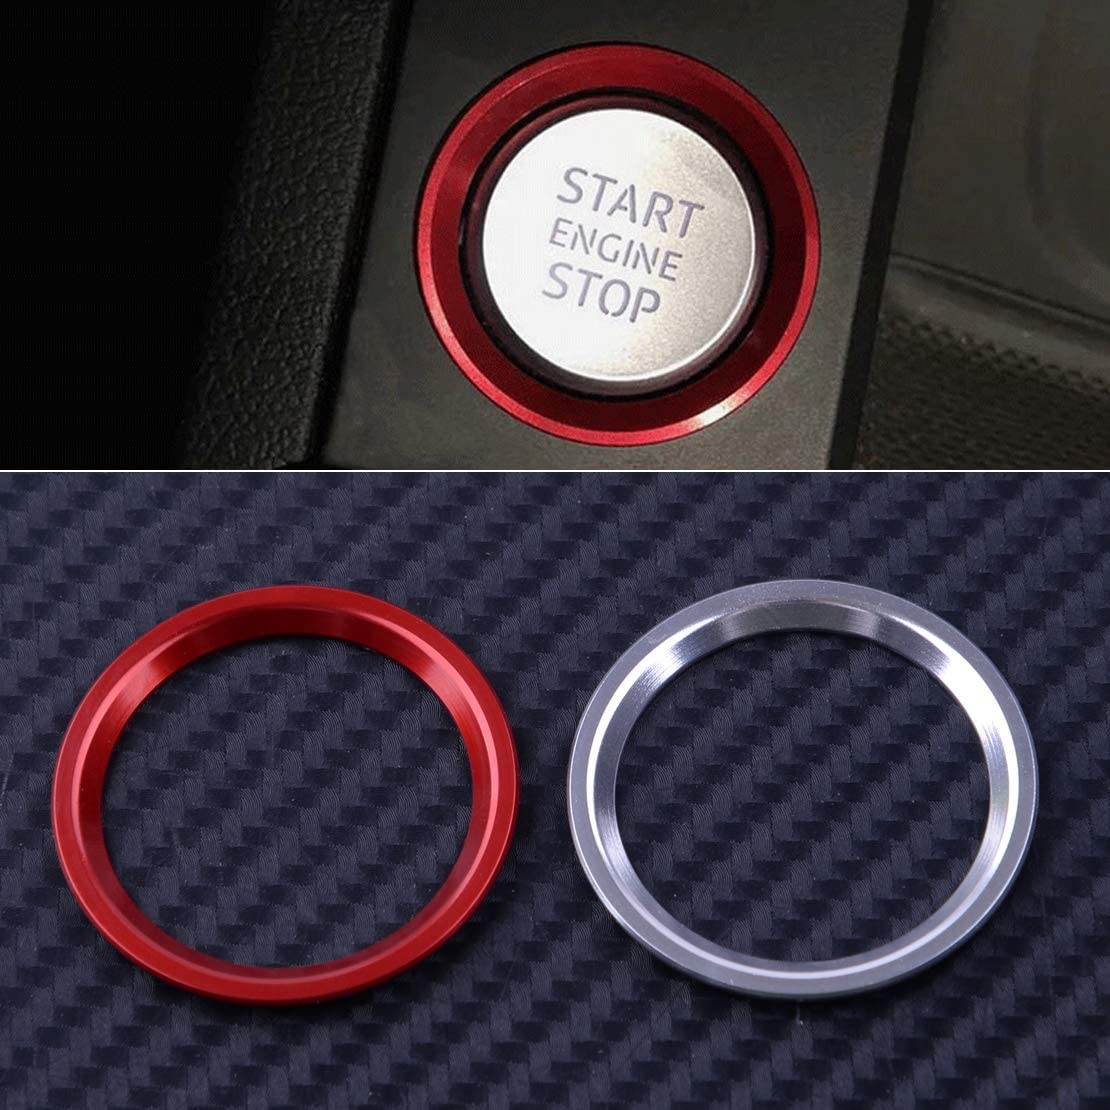 CITALL Automotor Start Stop Stop Z/ündschalter Druckknopf Dekorative Ringblende Rot